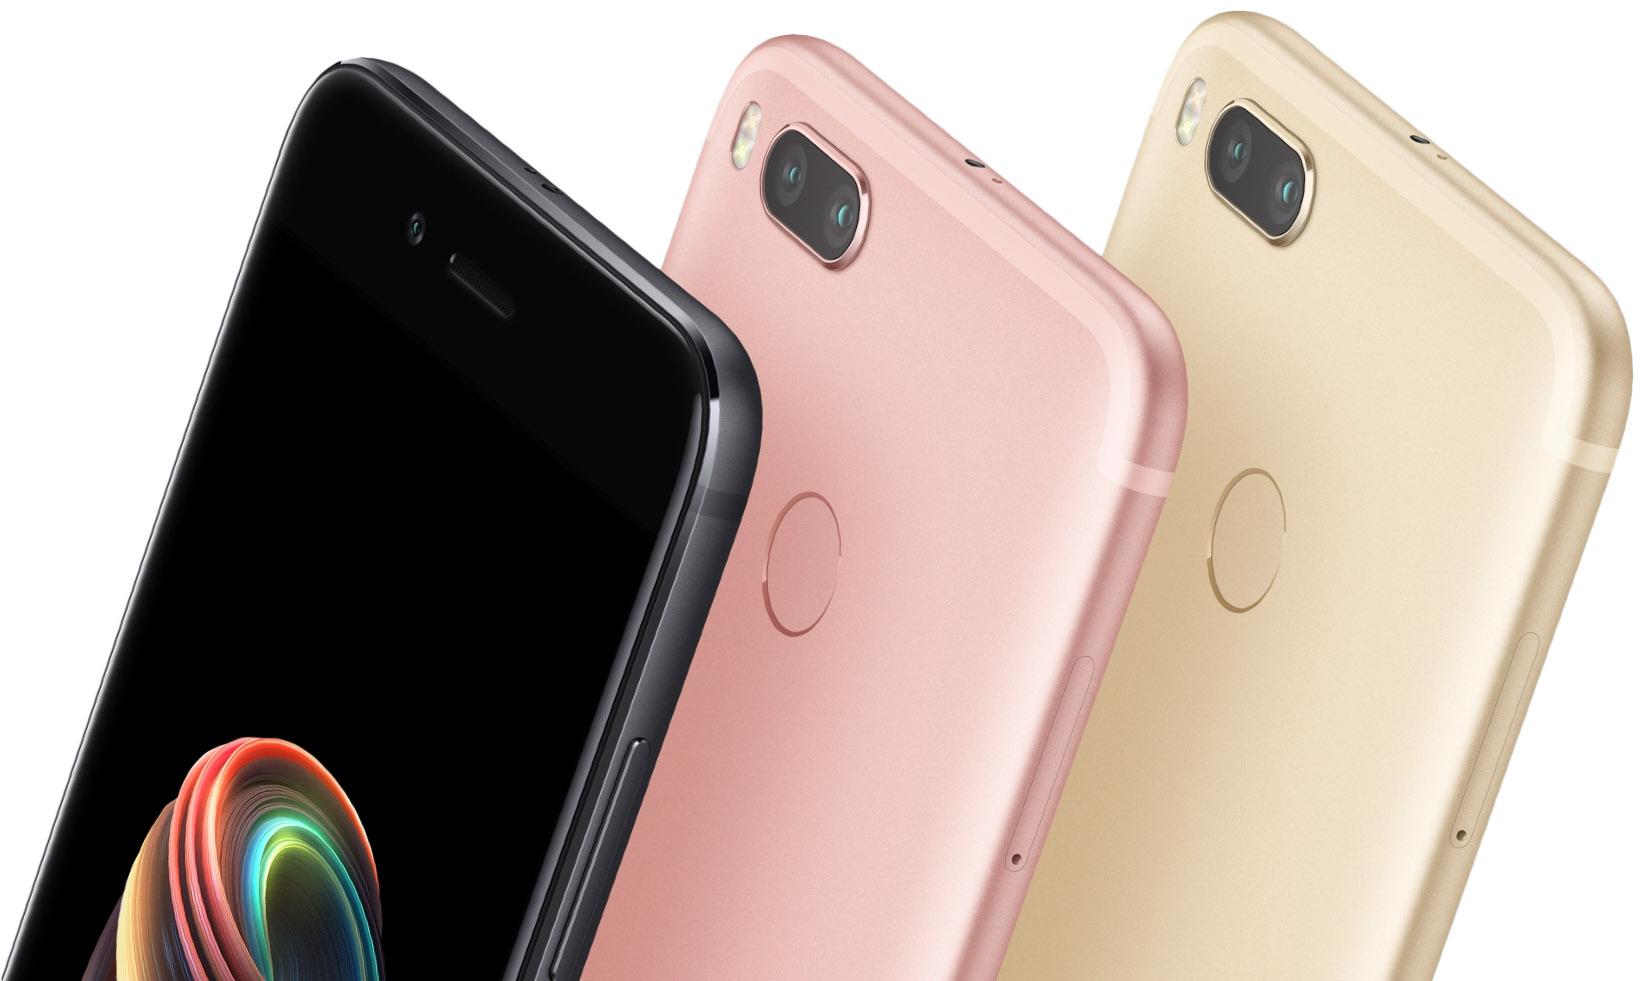 Získejte originální Xiaomi Mi A1 s plnou LTE podporou a dalšími vychytávkami za sníženou cenu [sponzorovaný článek]